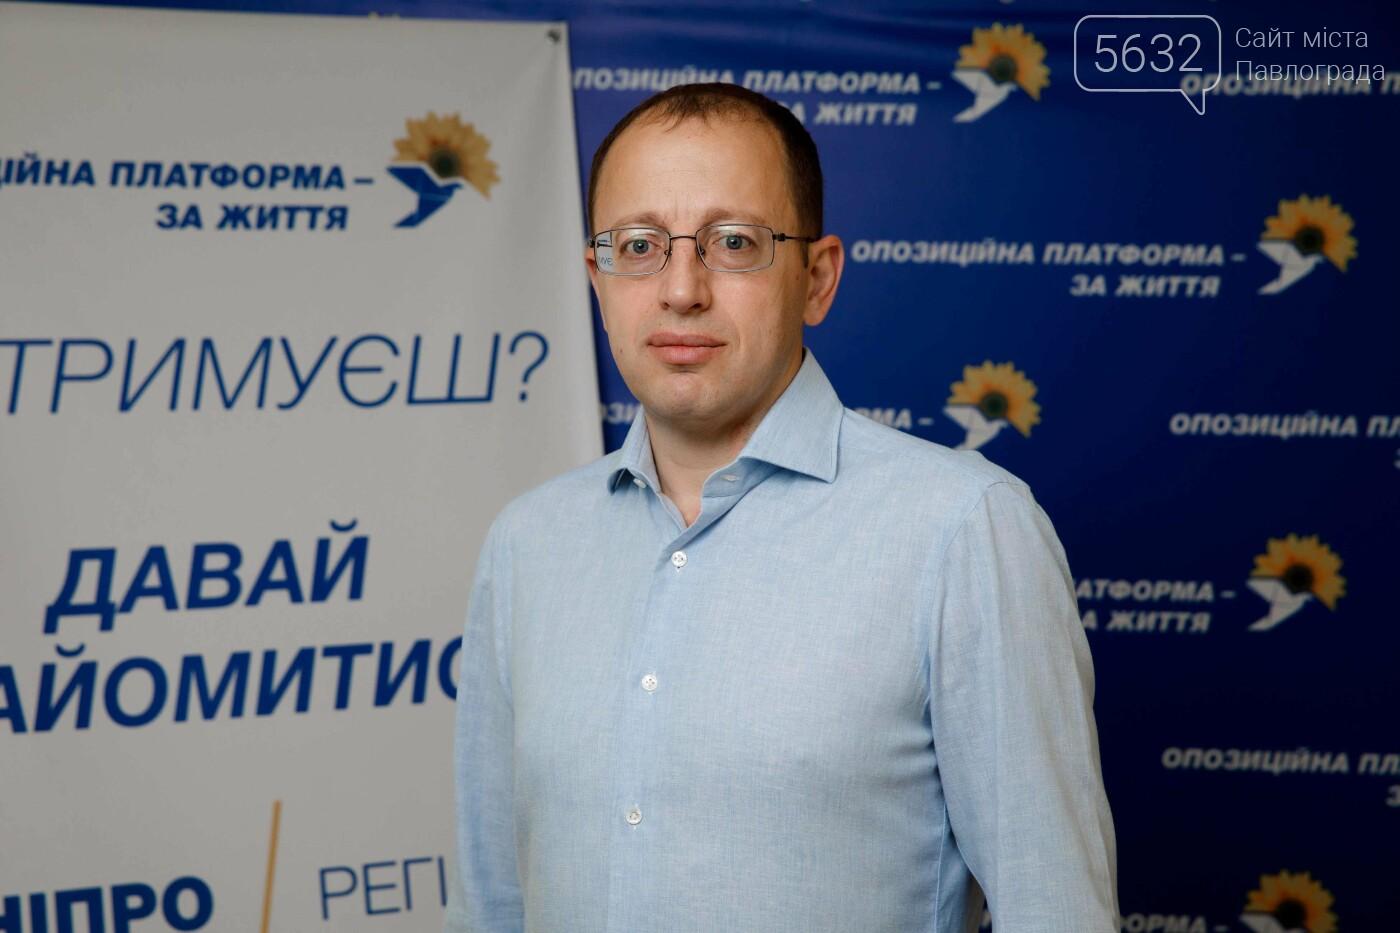 Глава областной ОПЗЖ Геннадий Гуфман: «Облсовет – это задача для партии, способной нести ответственность», фото-1